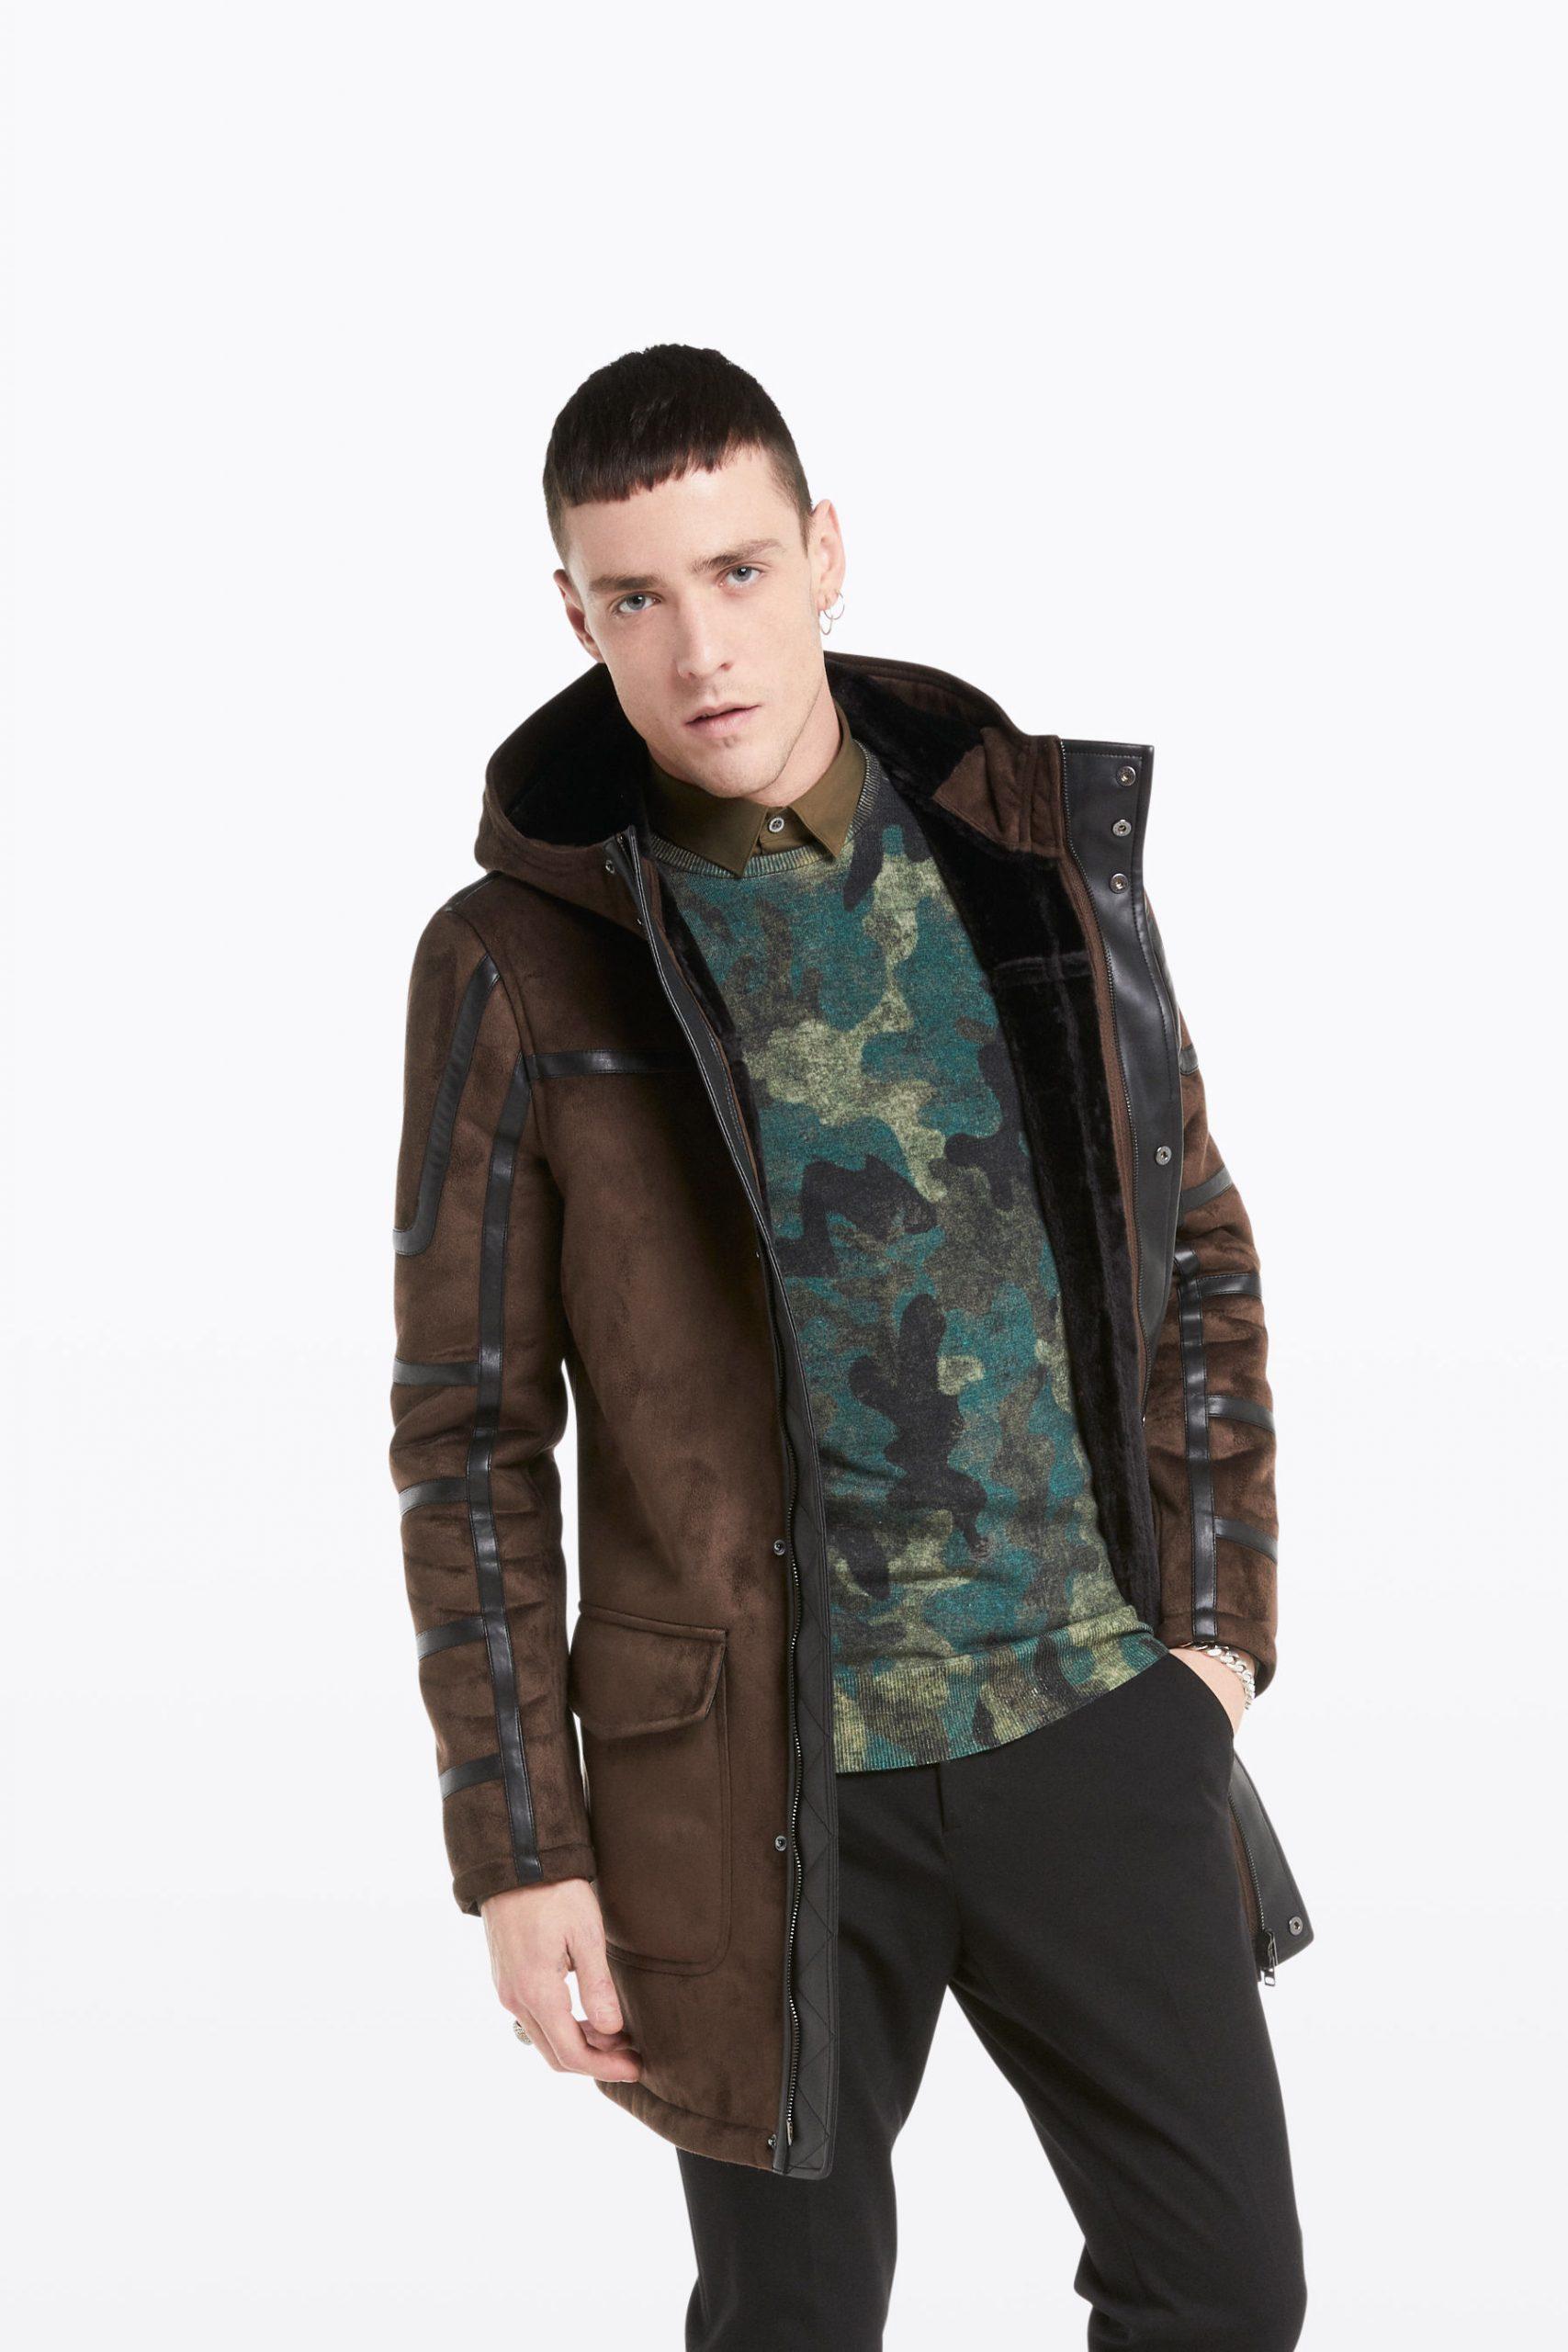 Abbigliamento Patrizia Pepe  Cappotto Montgomery Dark Brown/Black male collezione 2020 shop the look